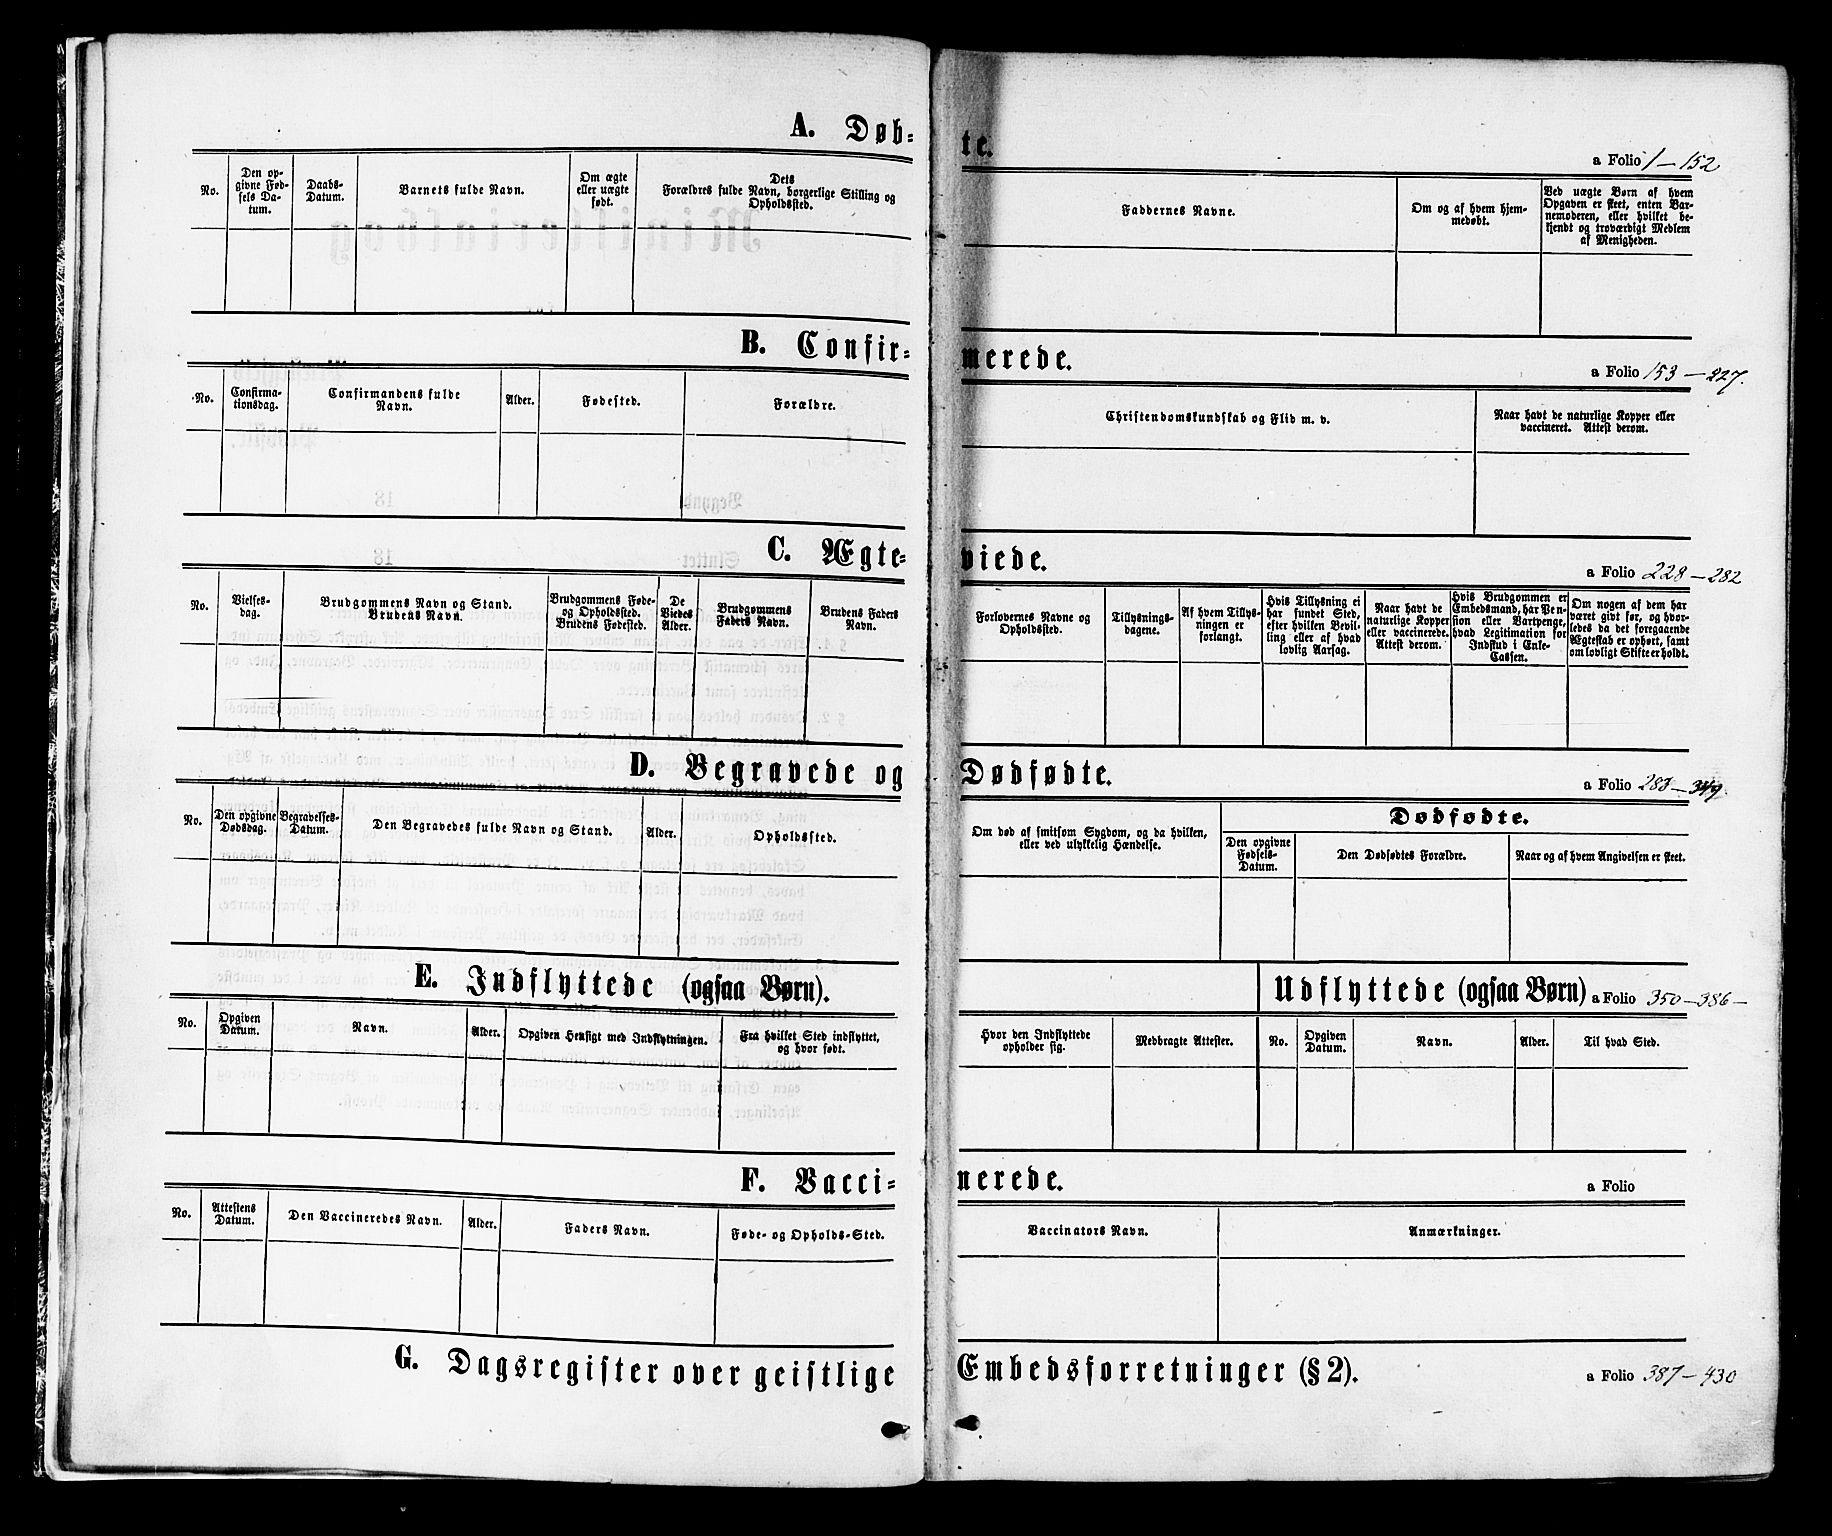 SAT, Ministerialprotokoller, klokkerbøker og fødselsregistre - Nord-Trøndelag, 709/L0076: Ministerialbok nr. 709A16, 1871-1879